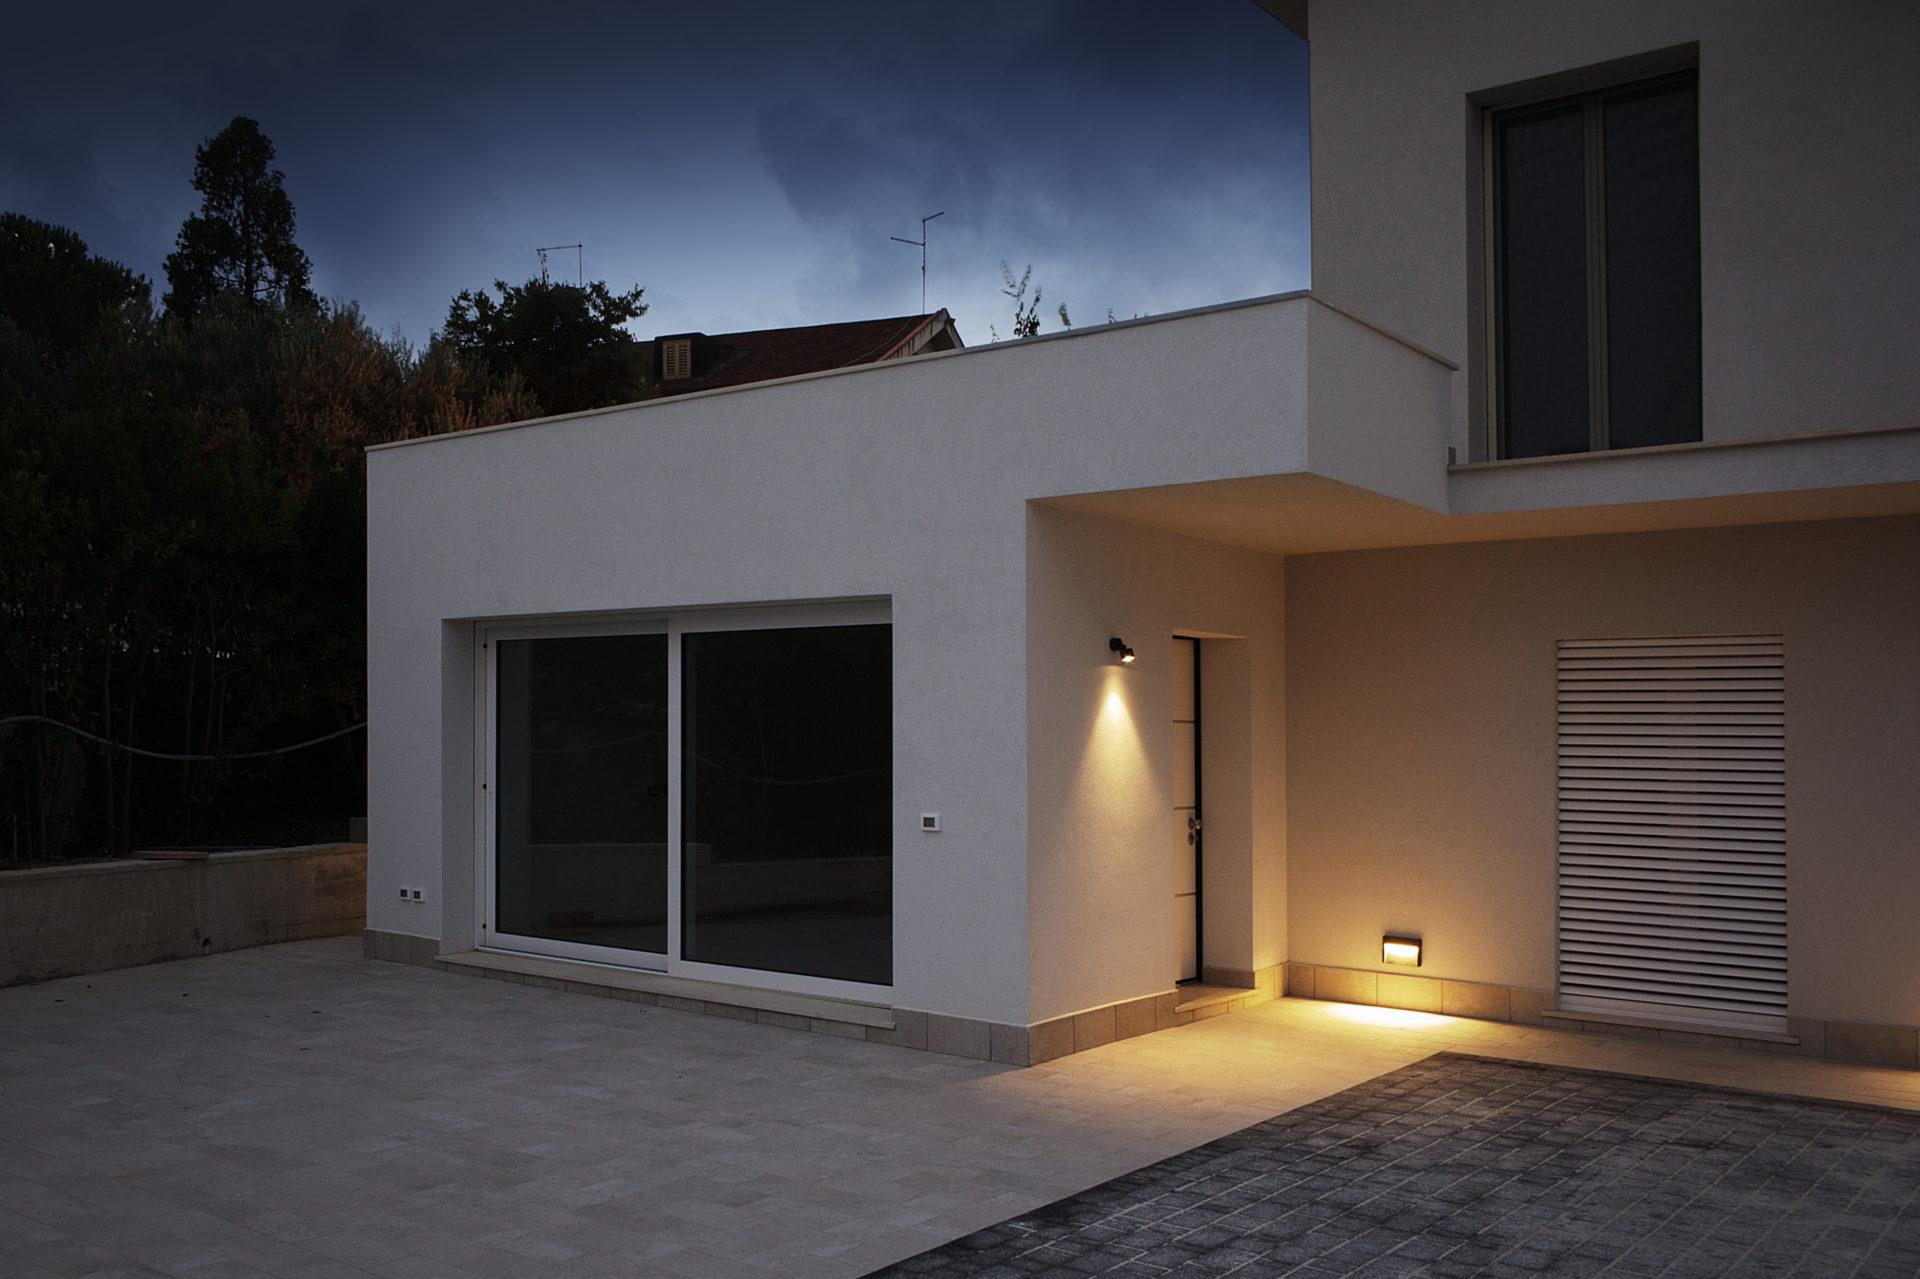 Illuminazione esterna abitazione illuminazione per esterni guida